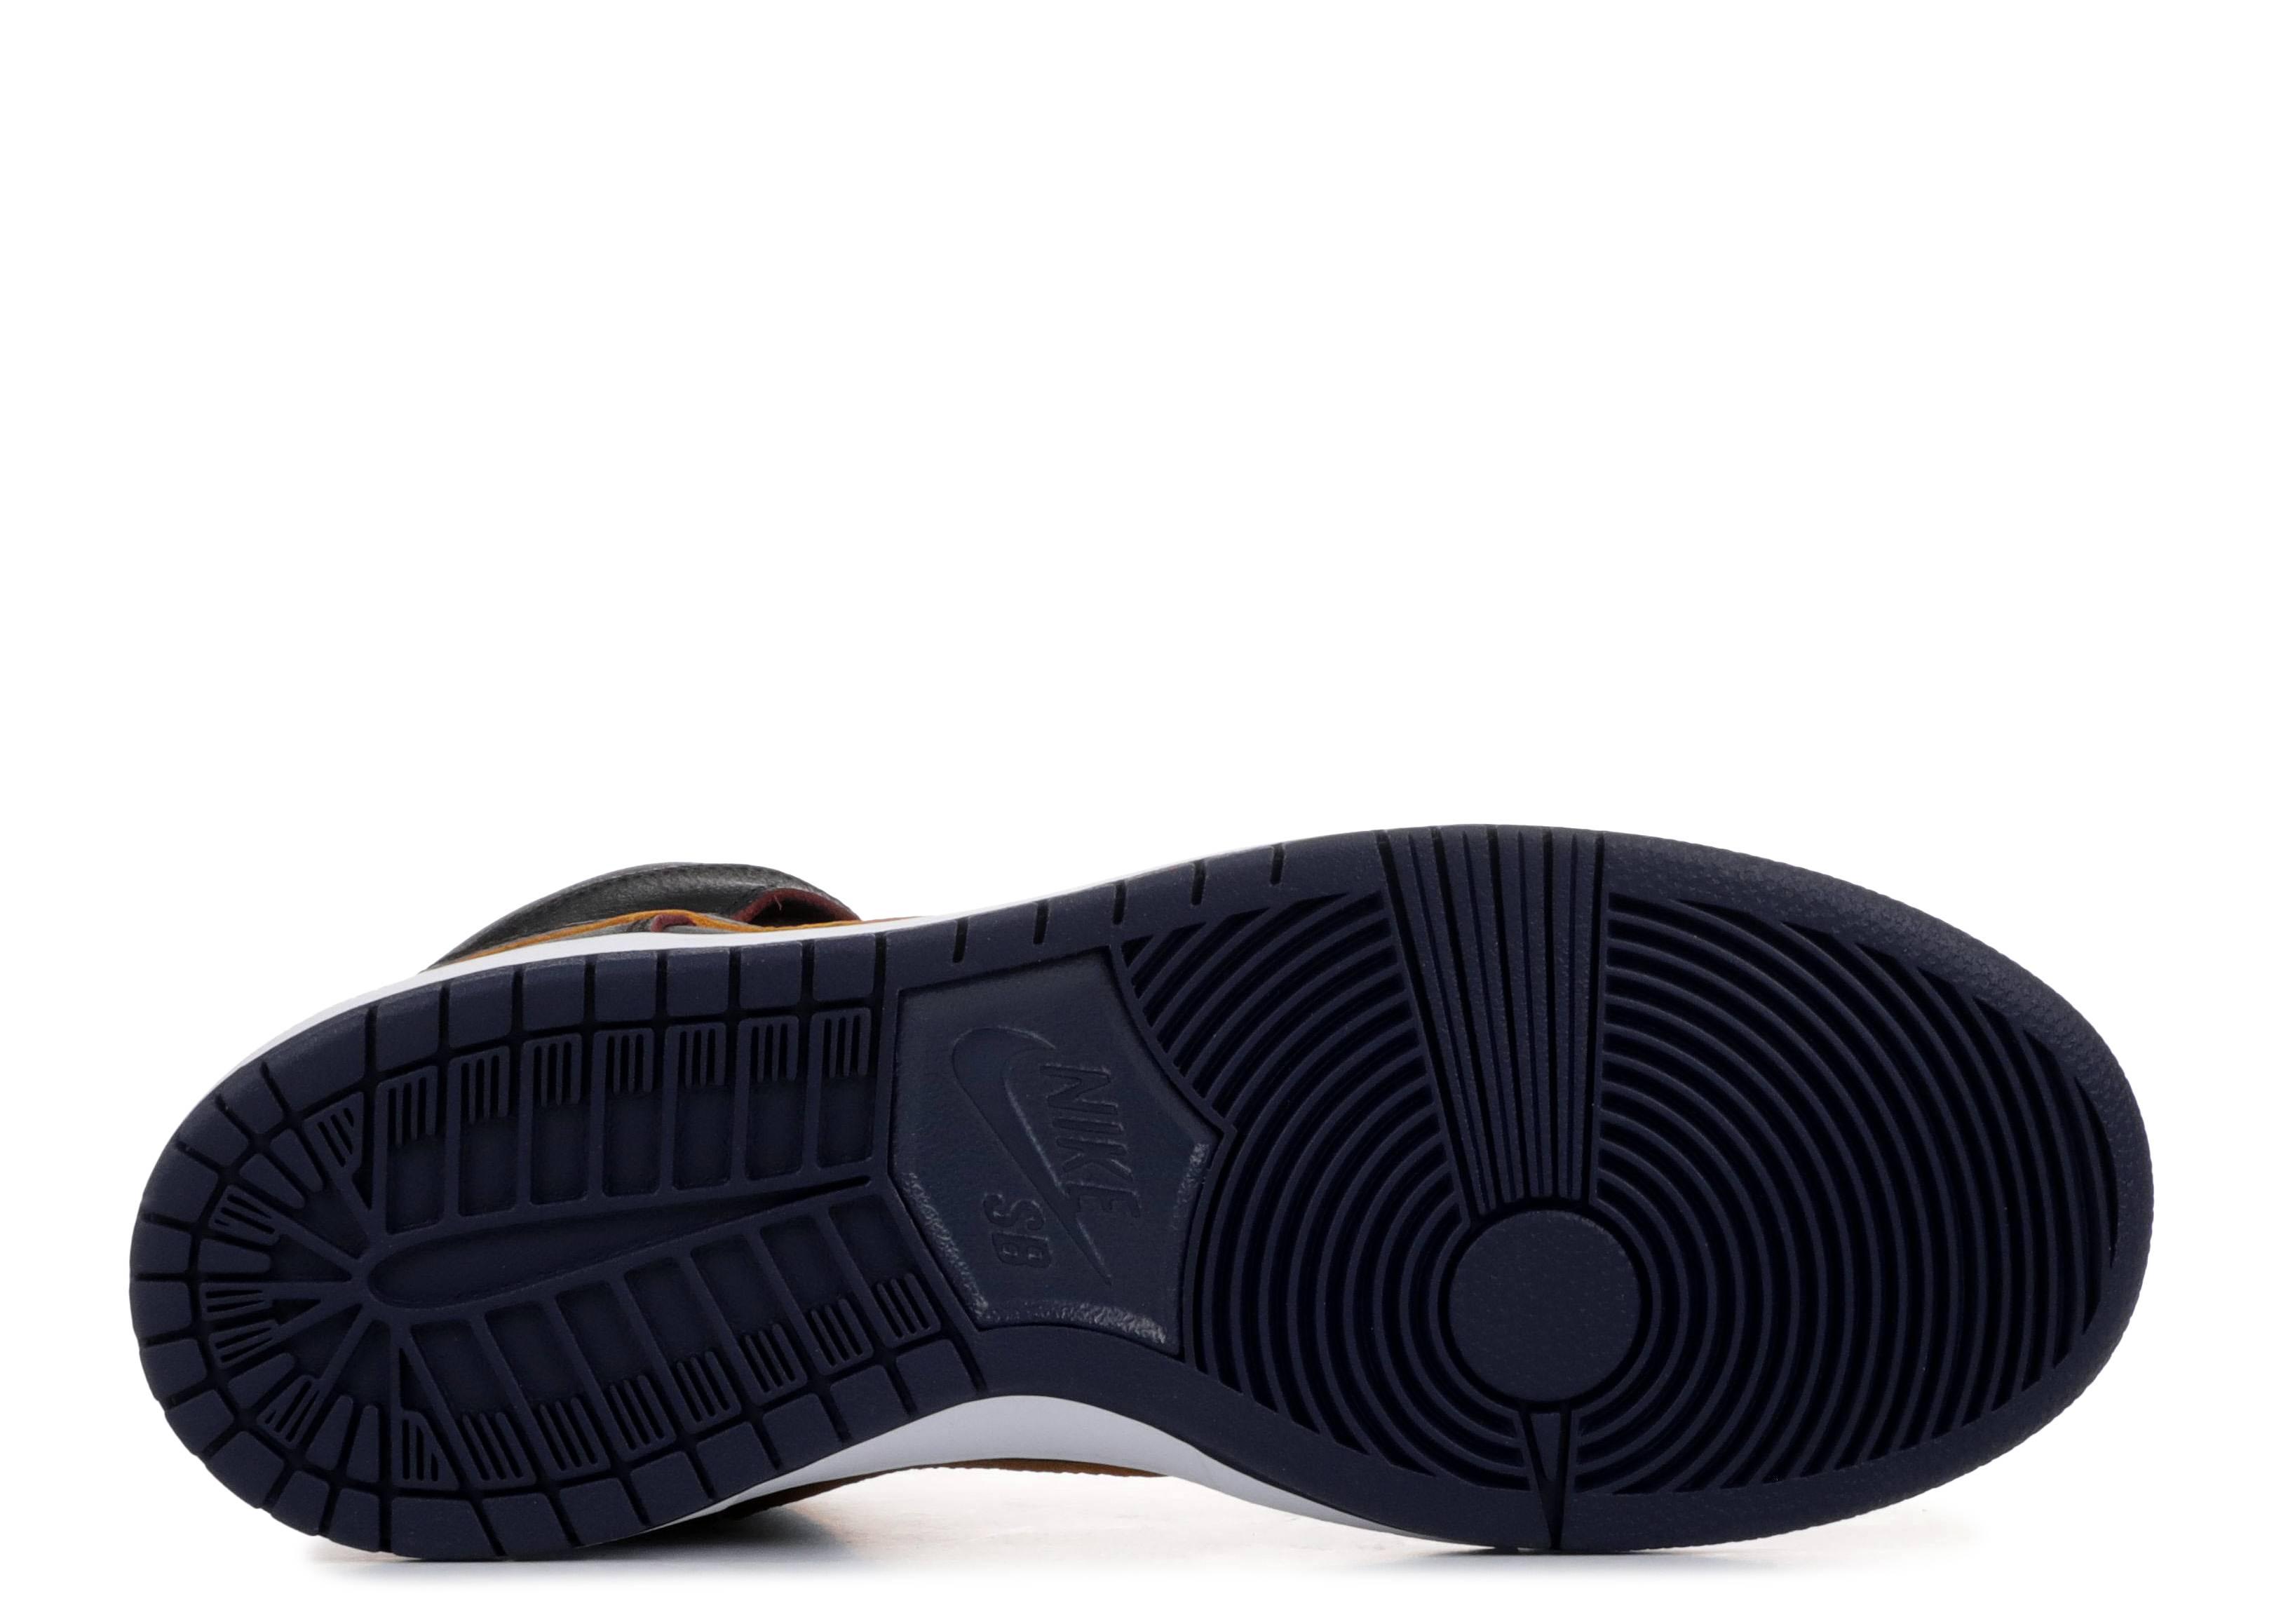 3b27ab419665e2 Nike Sb Dunk High Pro Nba